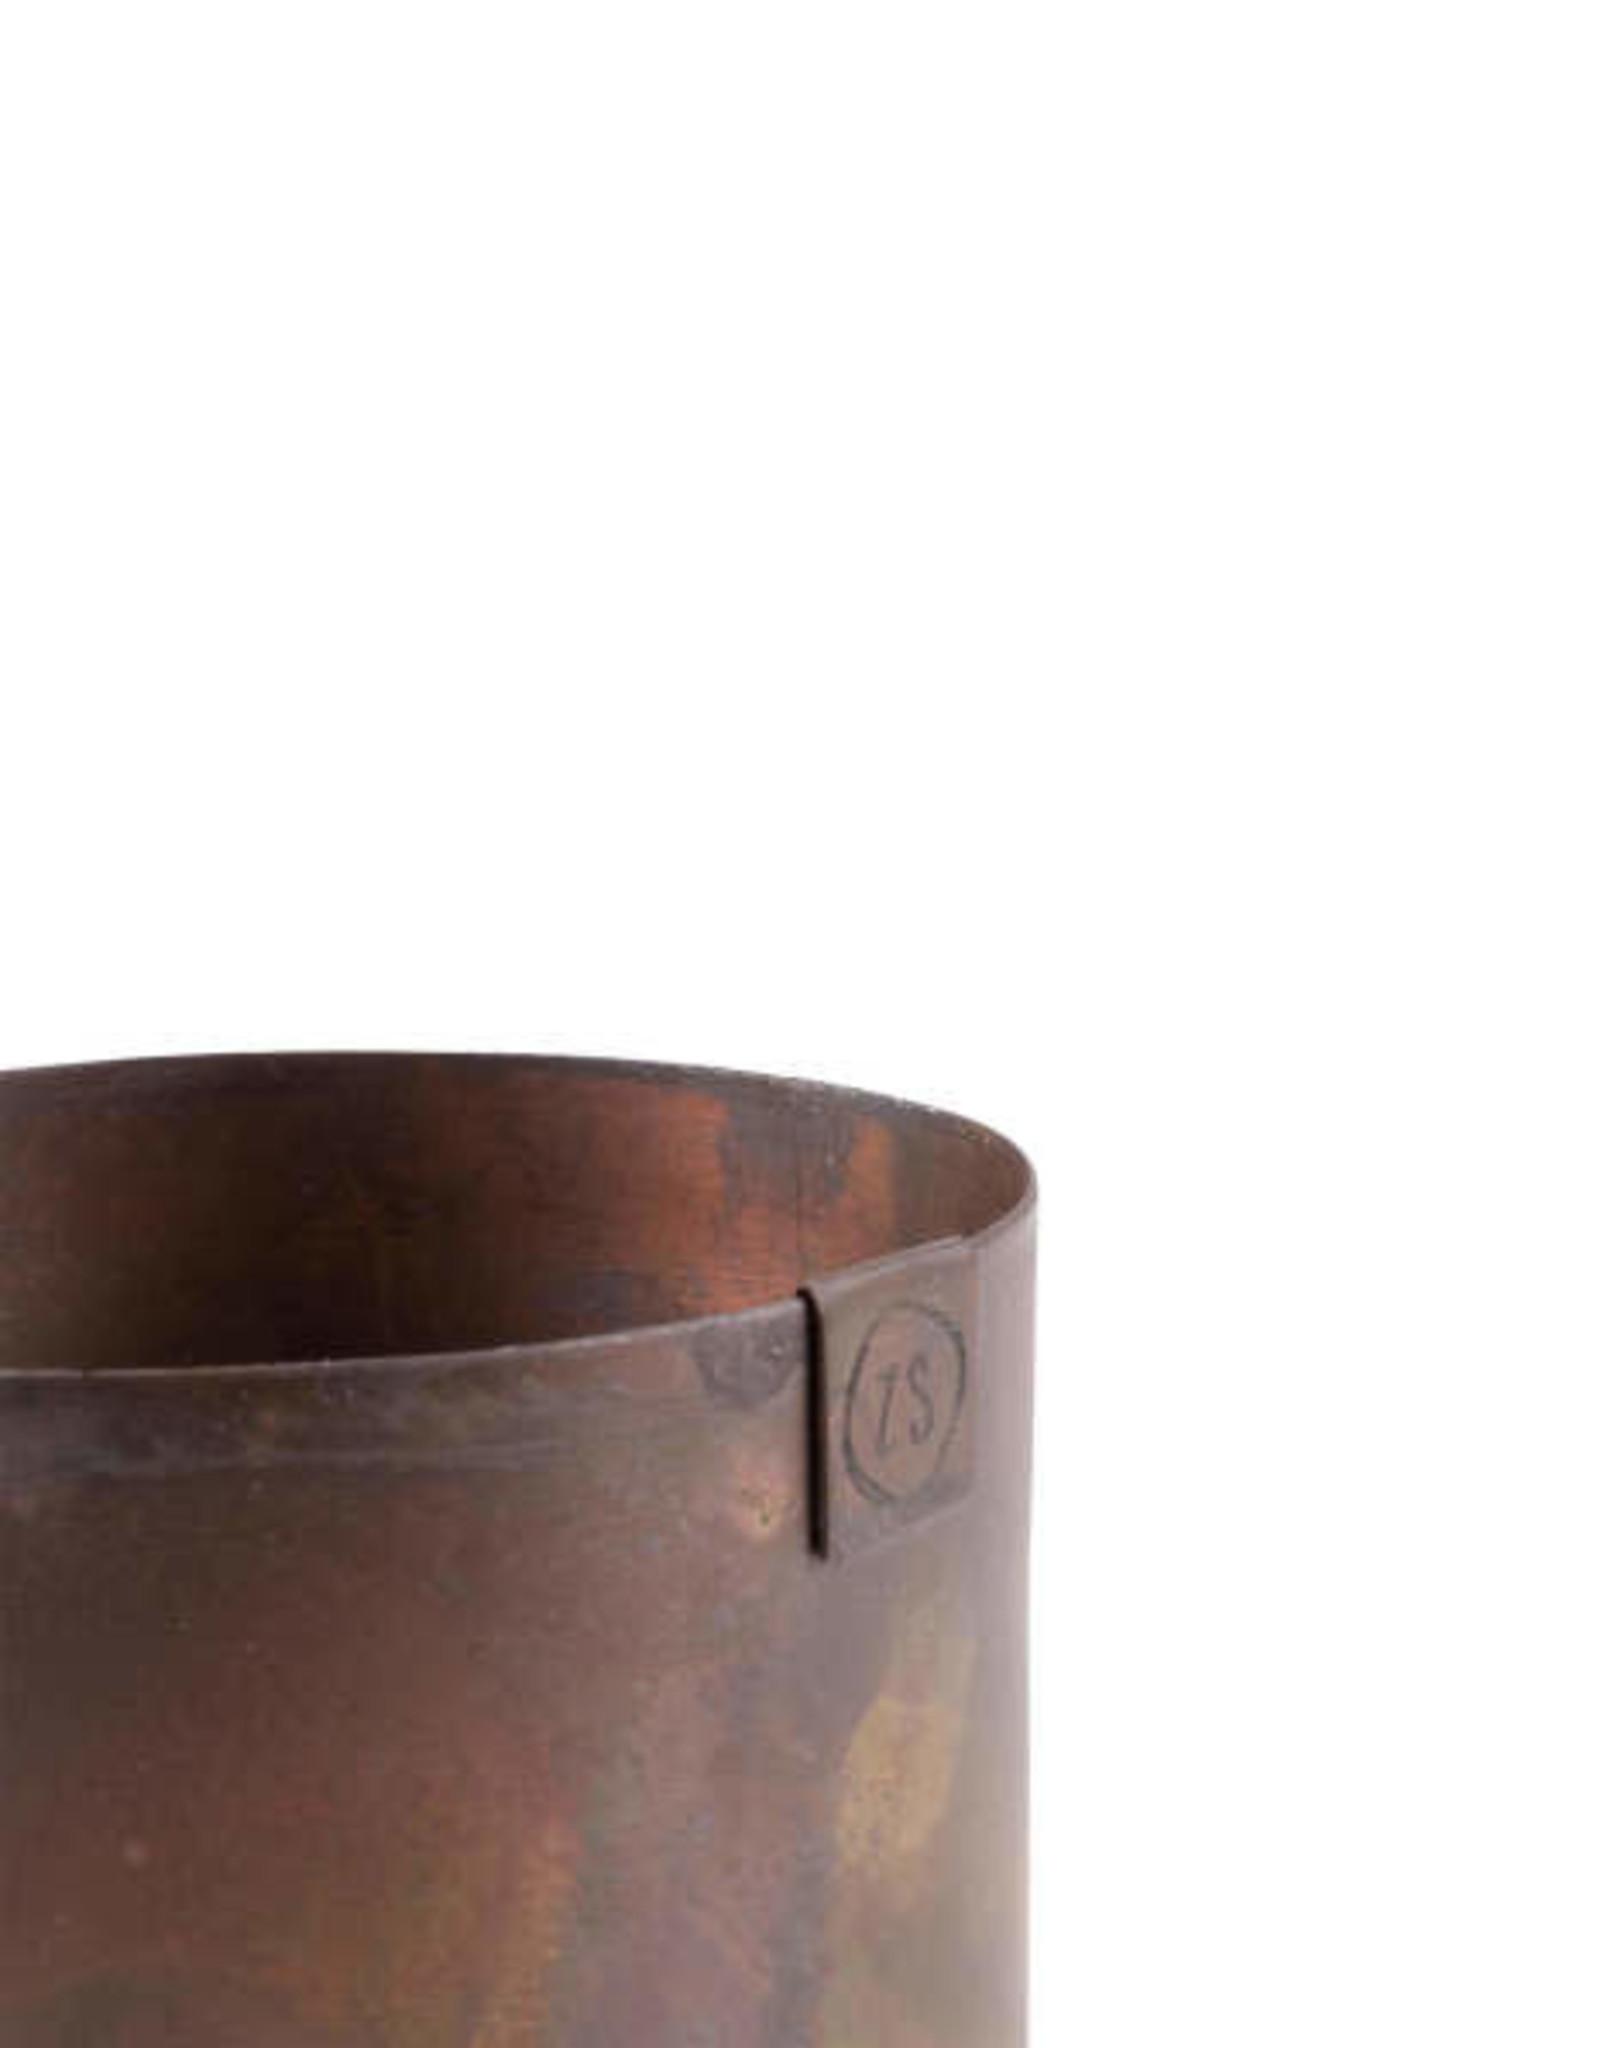 Zusss Zusss - Potje metaal koper 8cm